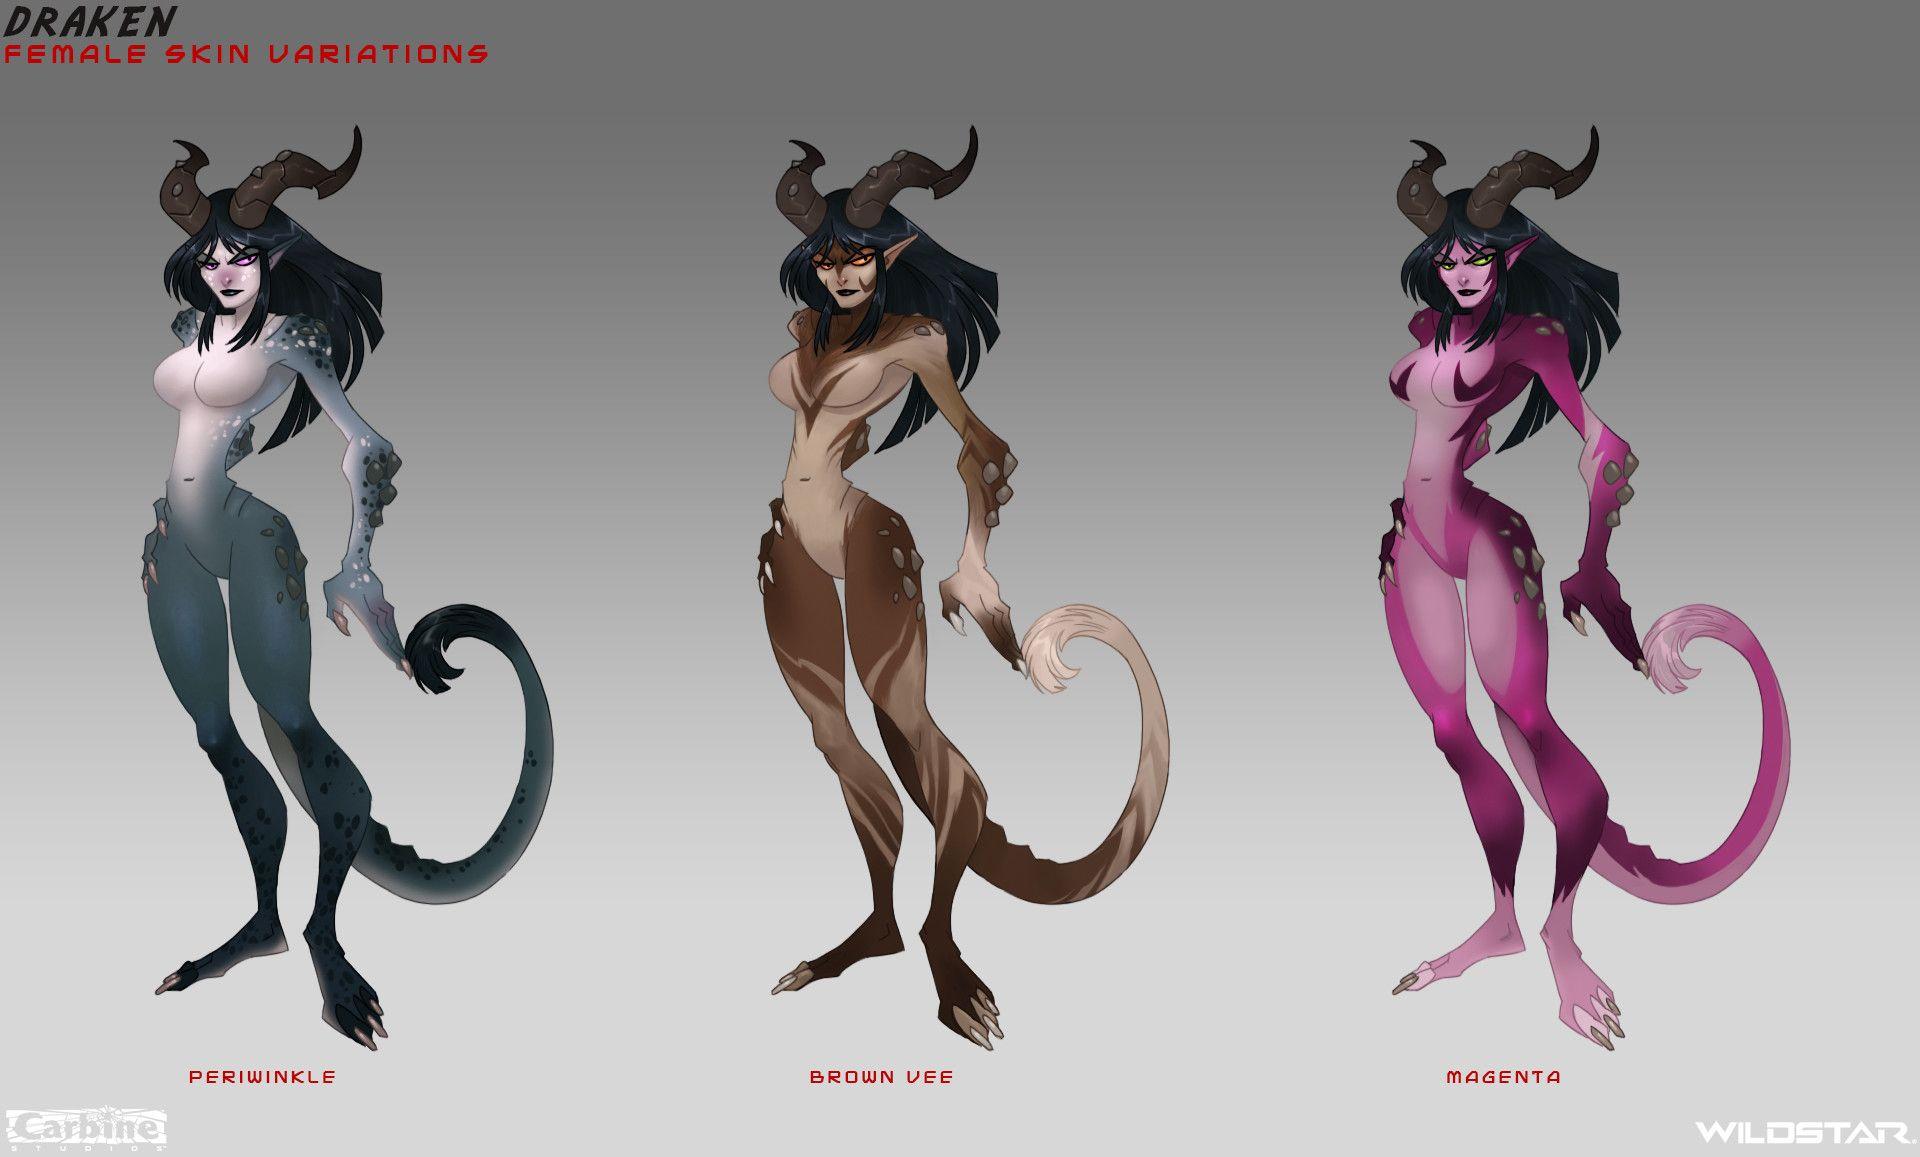 ArtStation - Draken Female Skin Variation, Johnson Truong